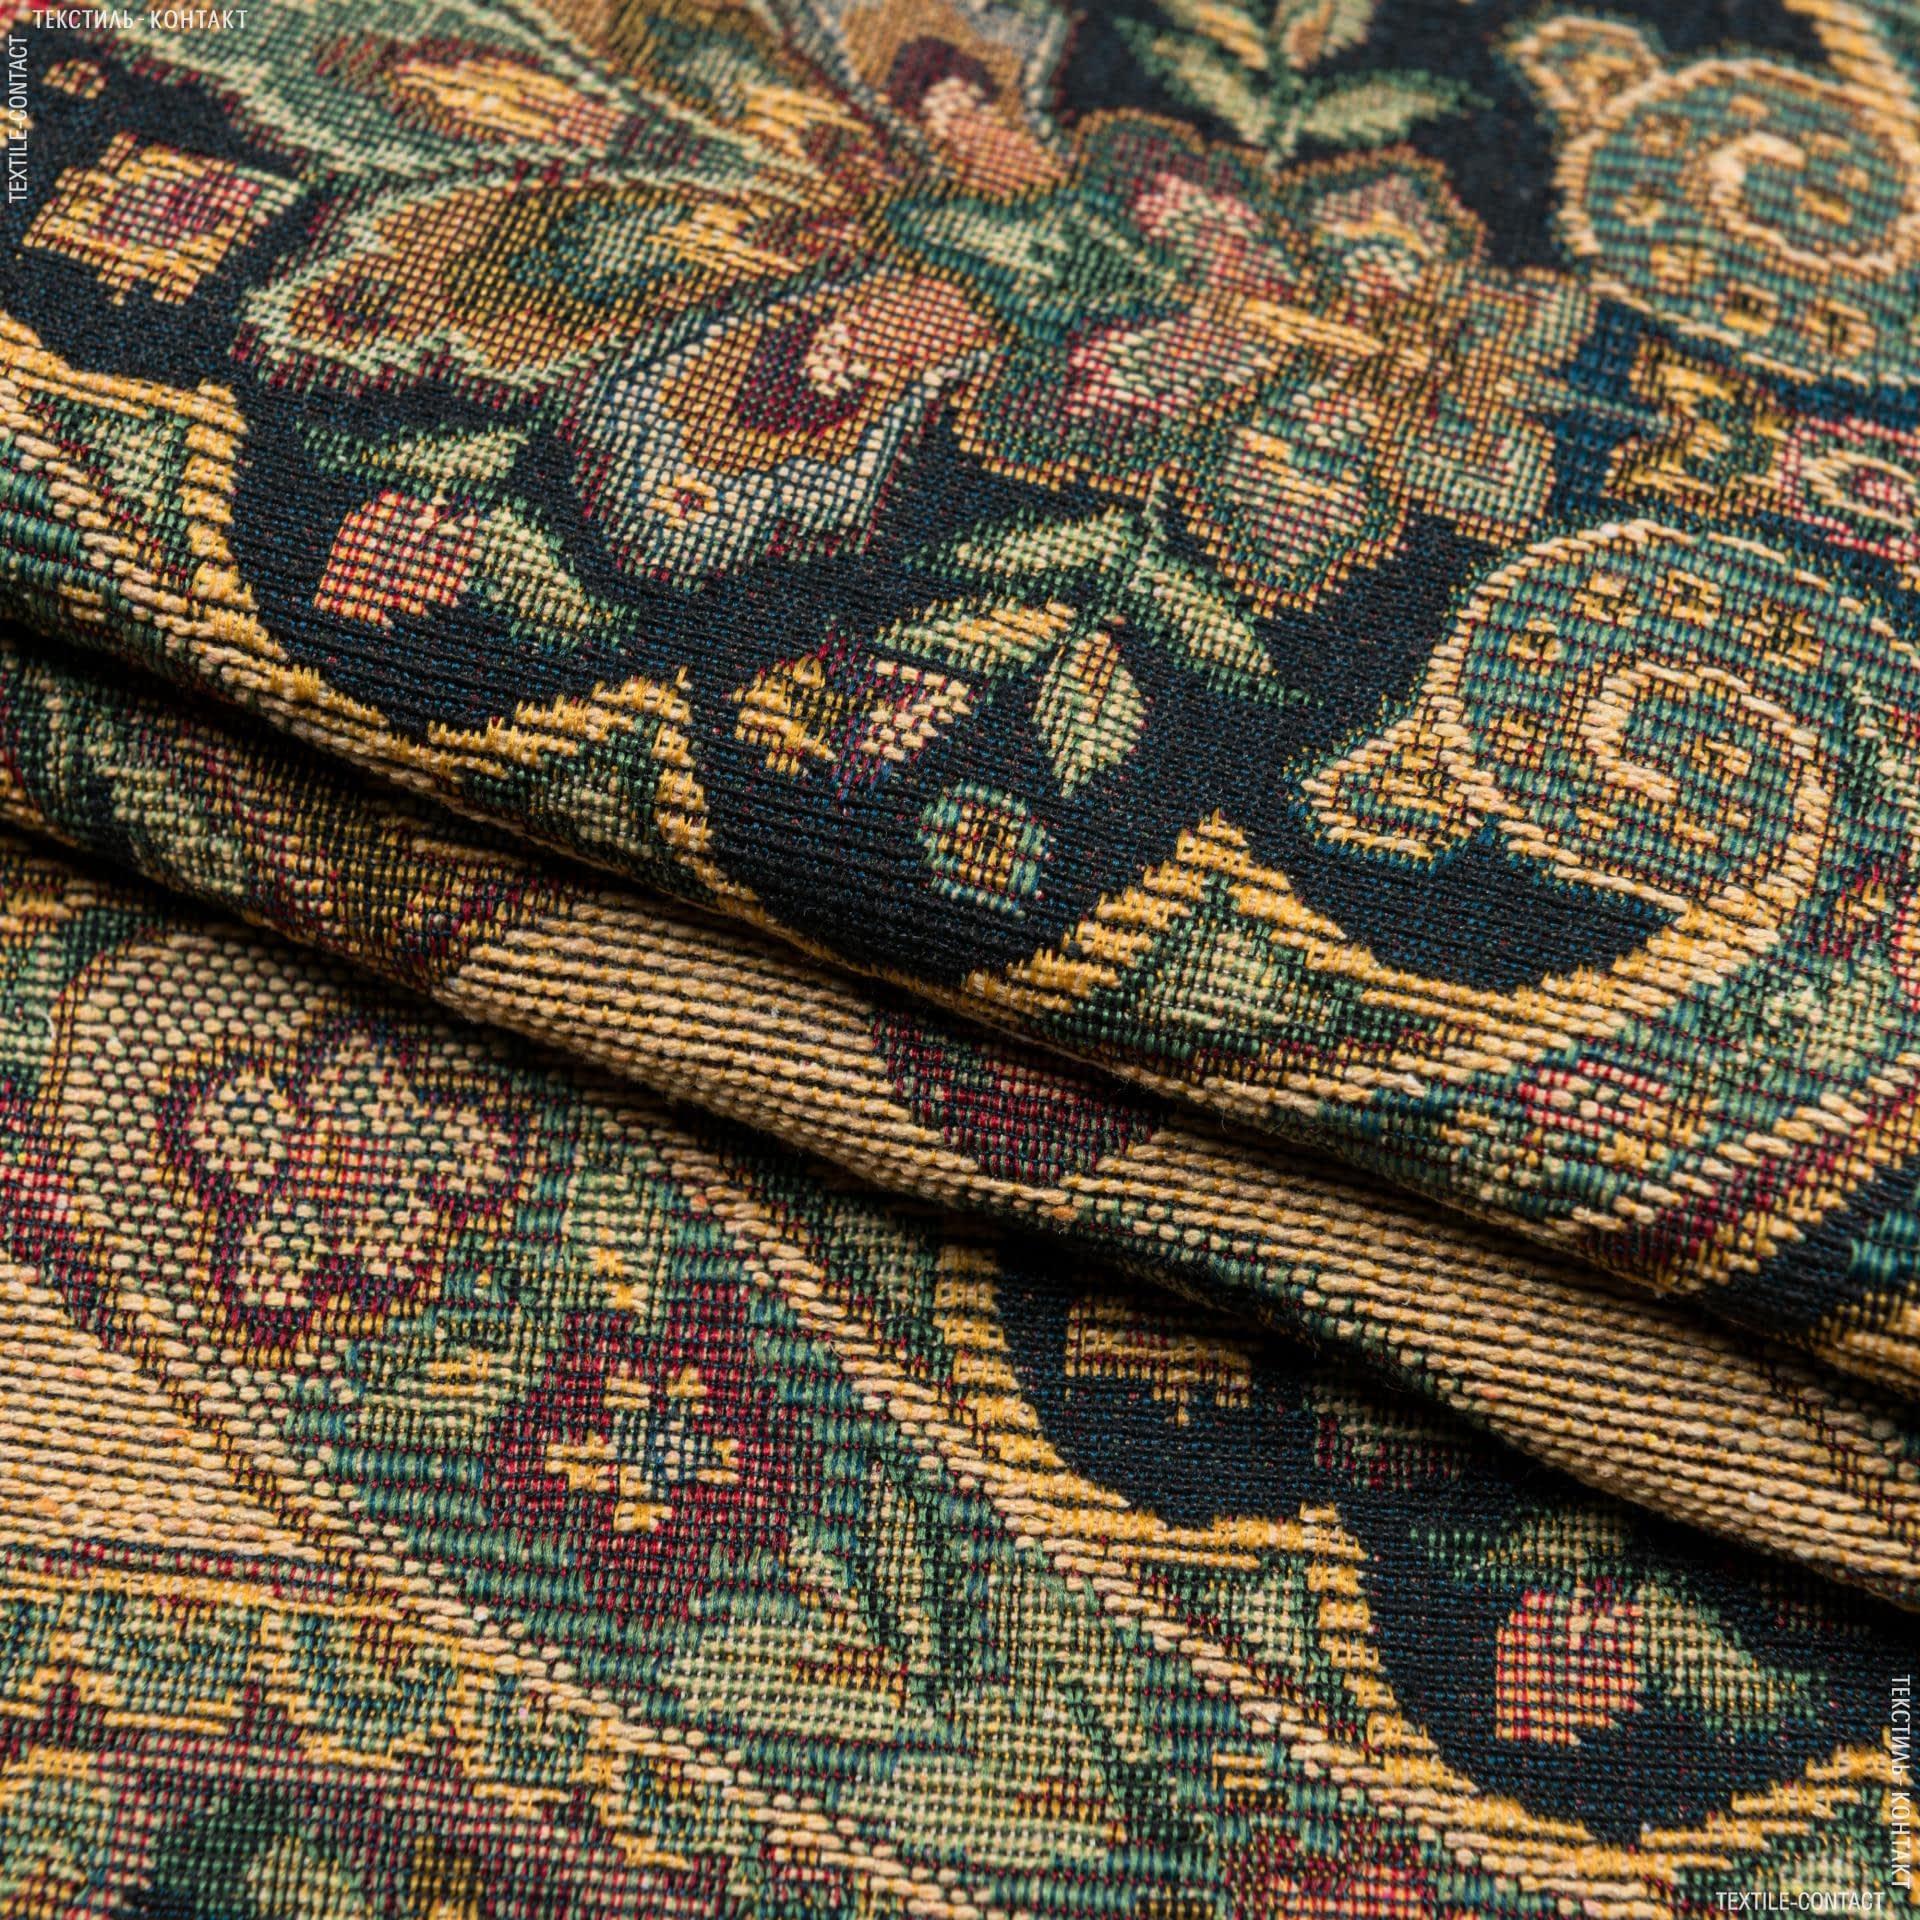 Ткани для декоративных подушек - Гобелен  византия  беж зеленый